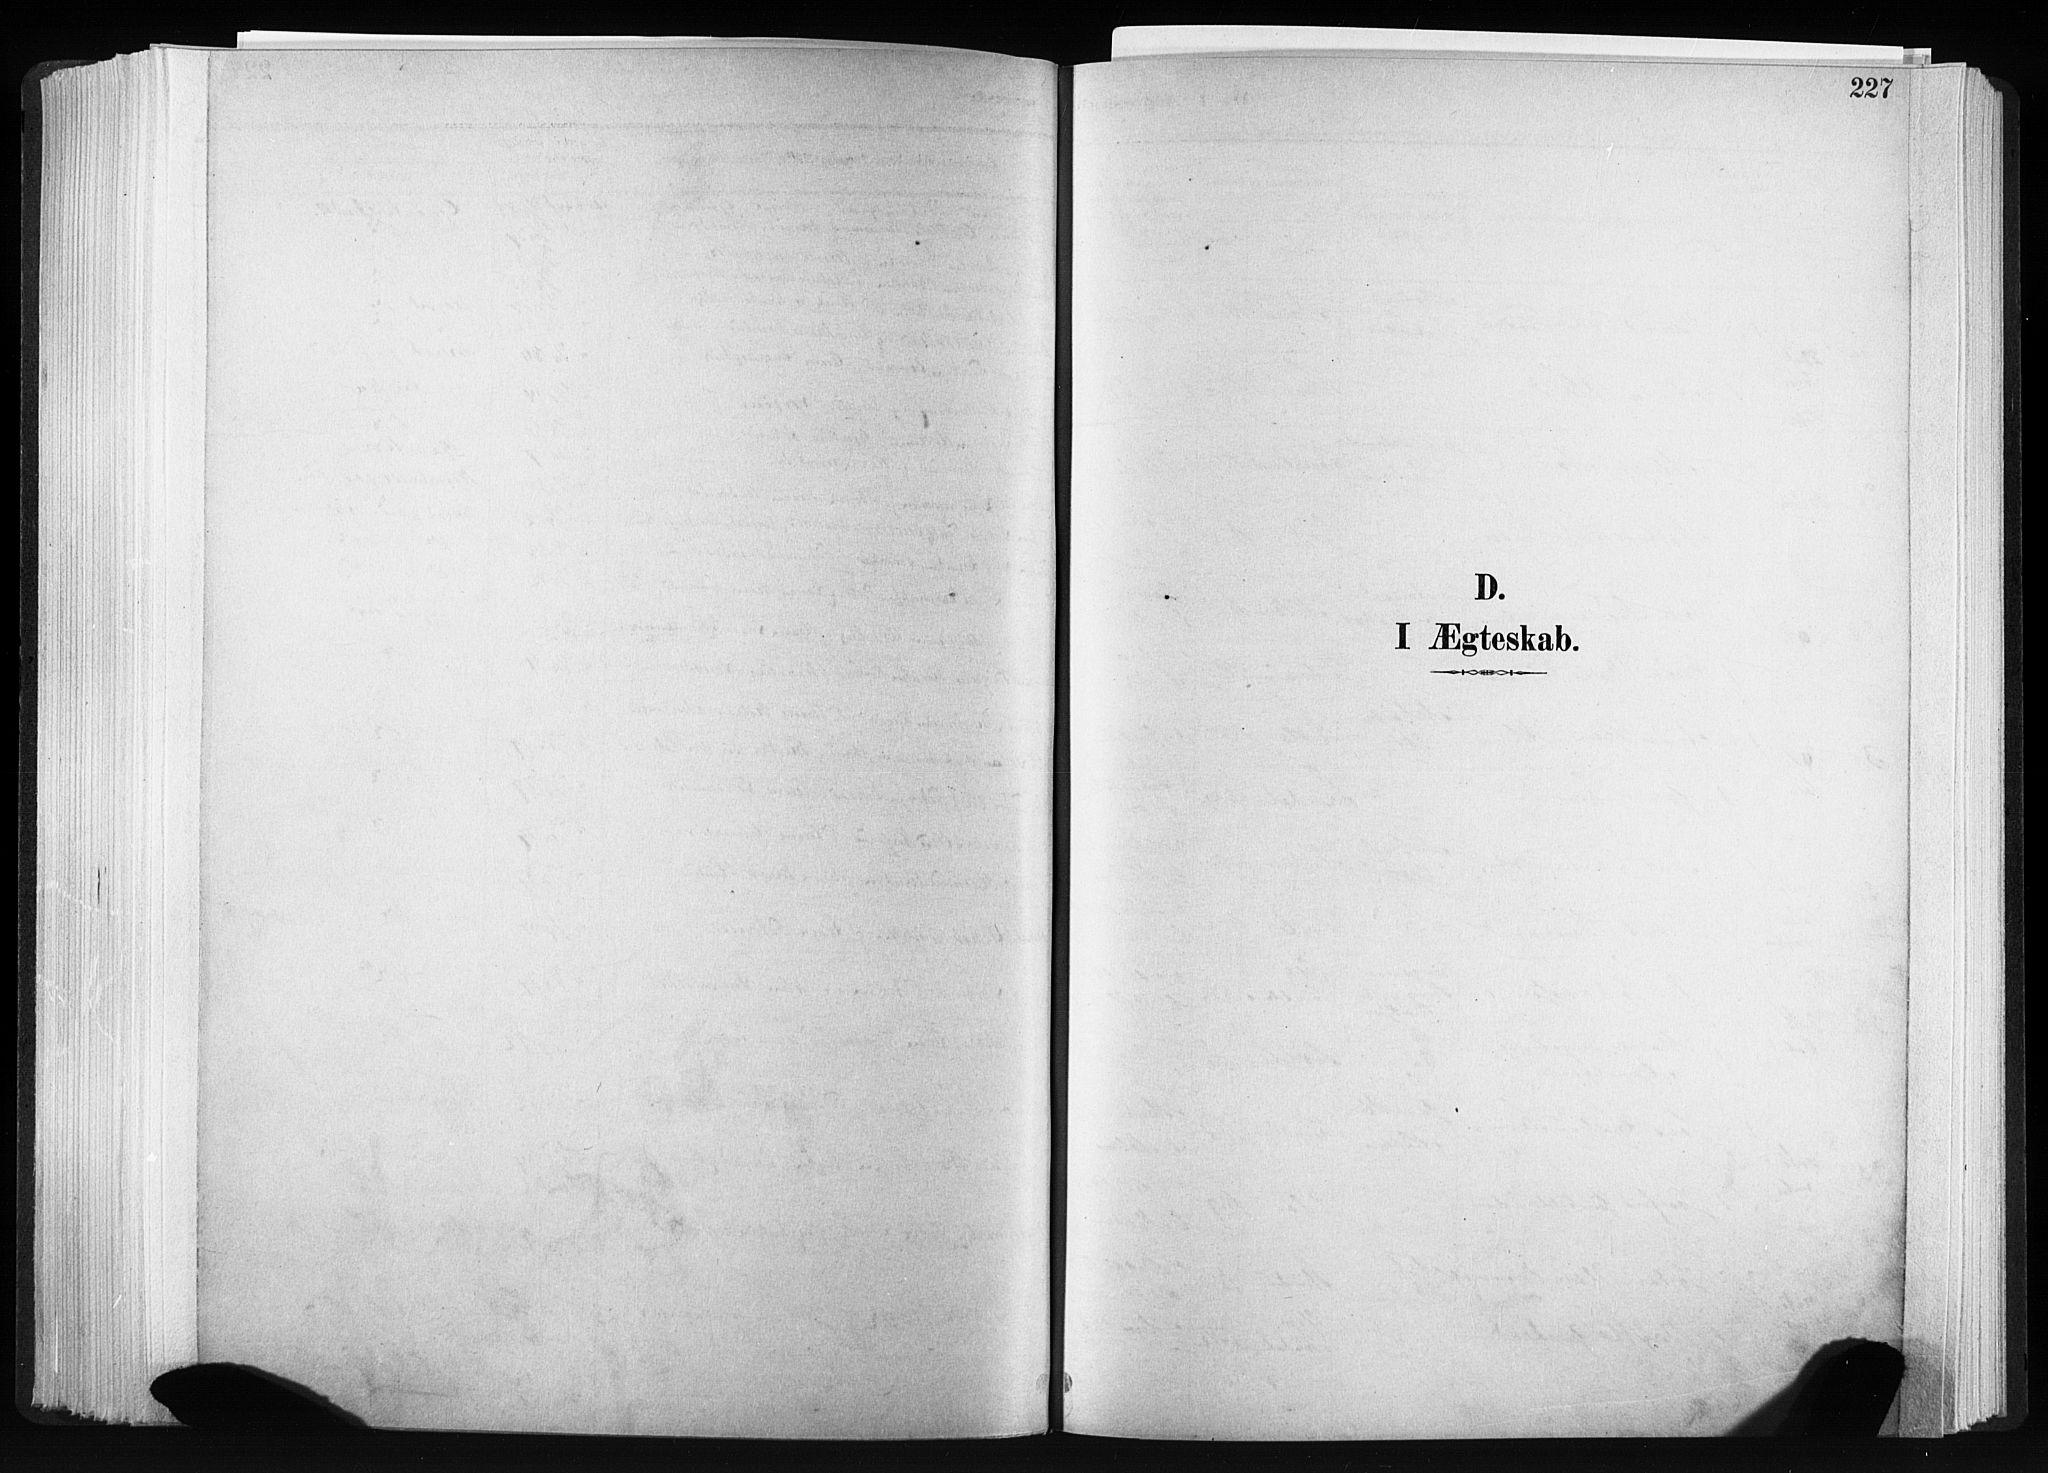 SAT, Ministerialprotokoller, klokkerbøker og fødselsregistre - Sør-Trøndelag, 606/L0300: Ministerialbok nr. 606A15, 1886-1893, s. 227